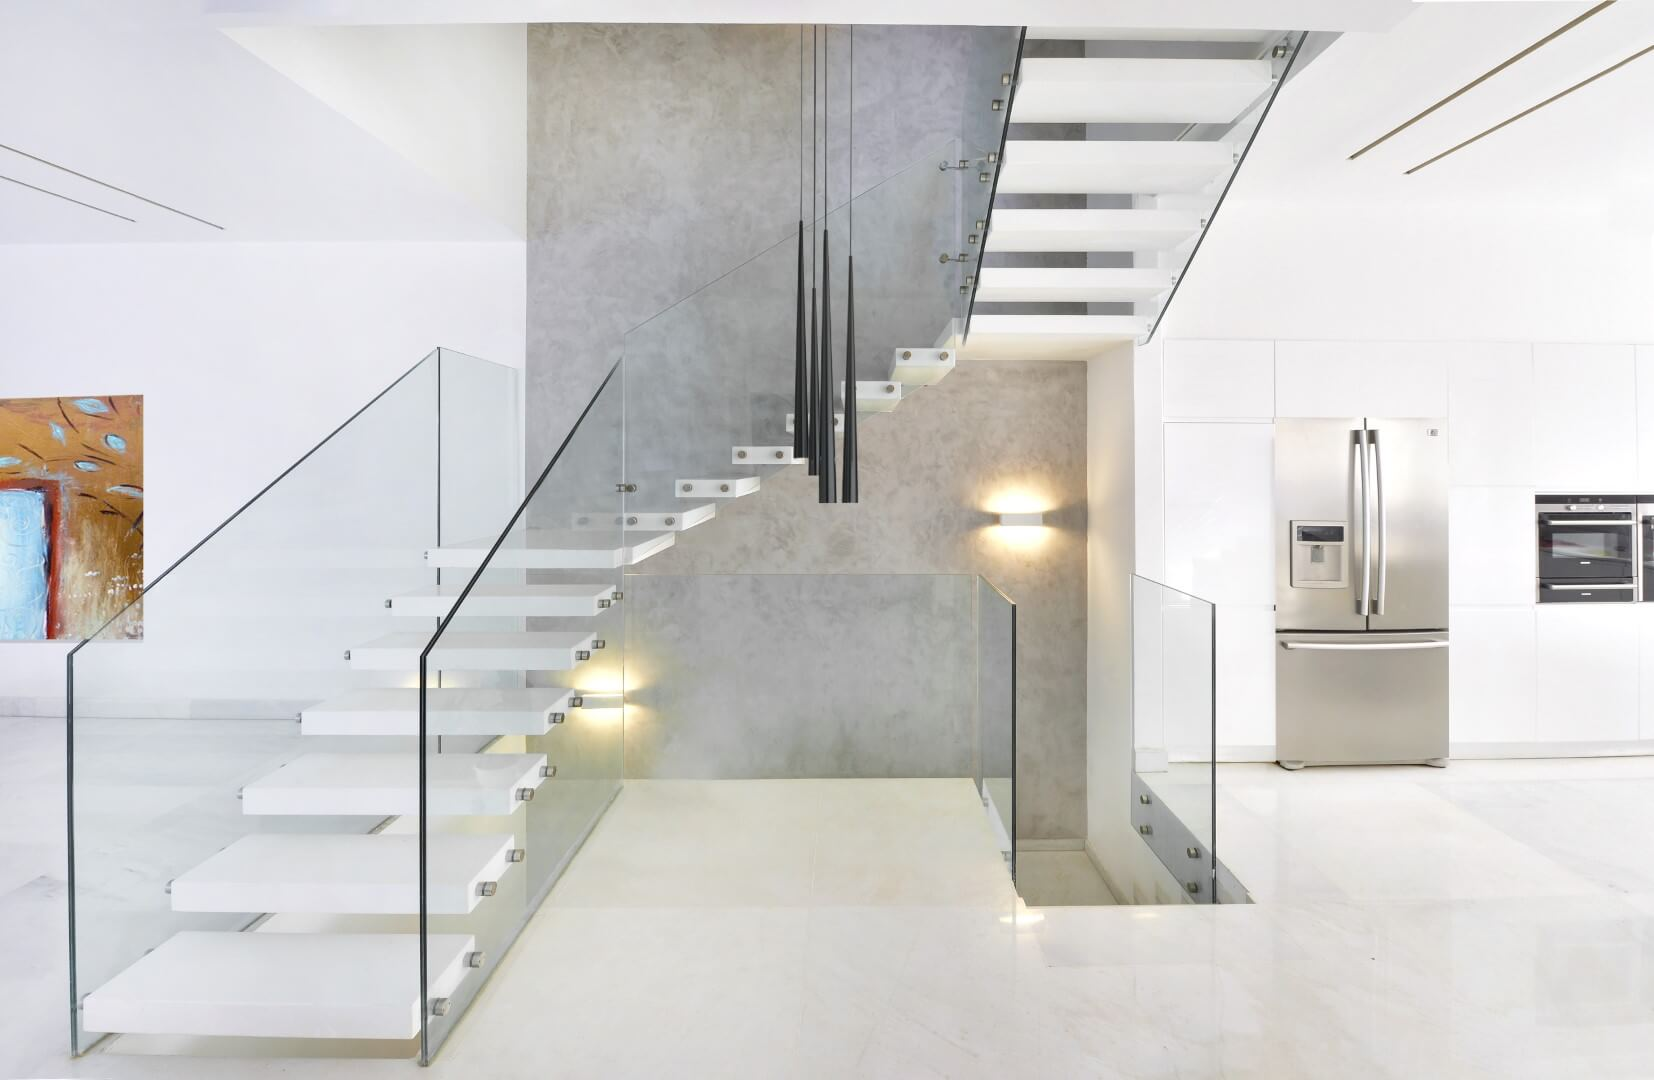 3 גרמי מדרגות מרחפות עם מדרכים מקוריאן לבן עם מעקה זכוכית קליר